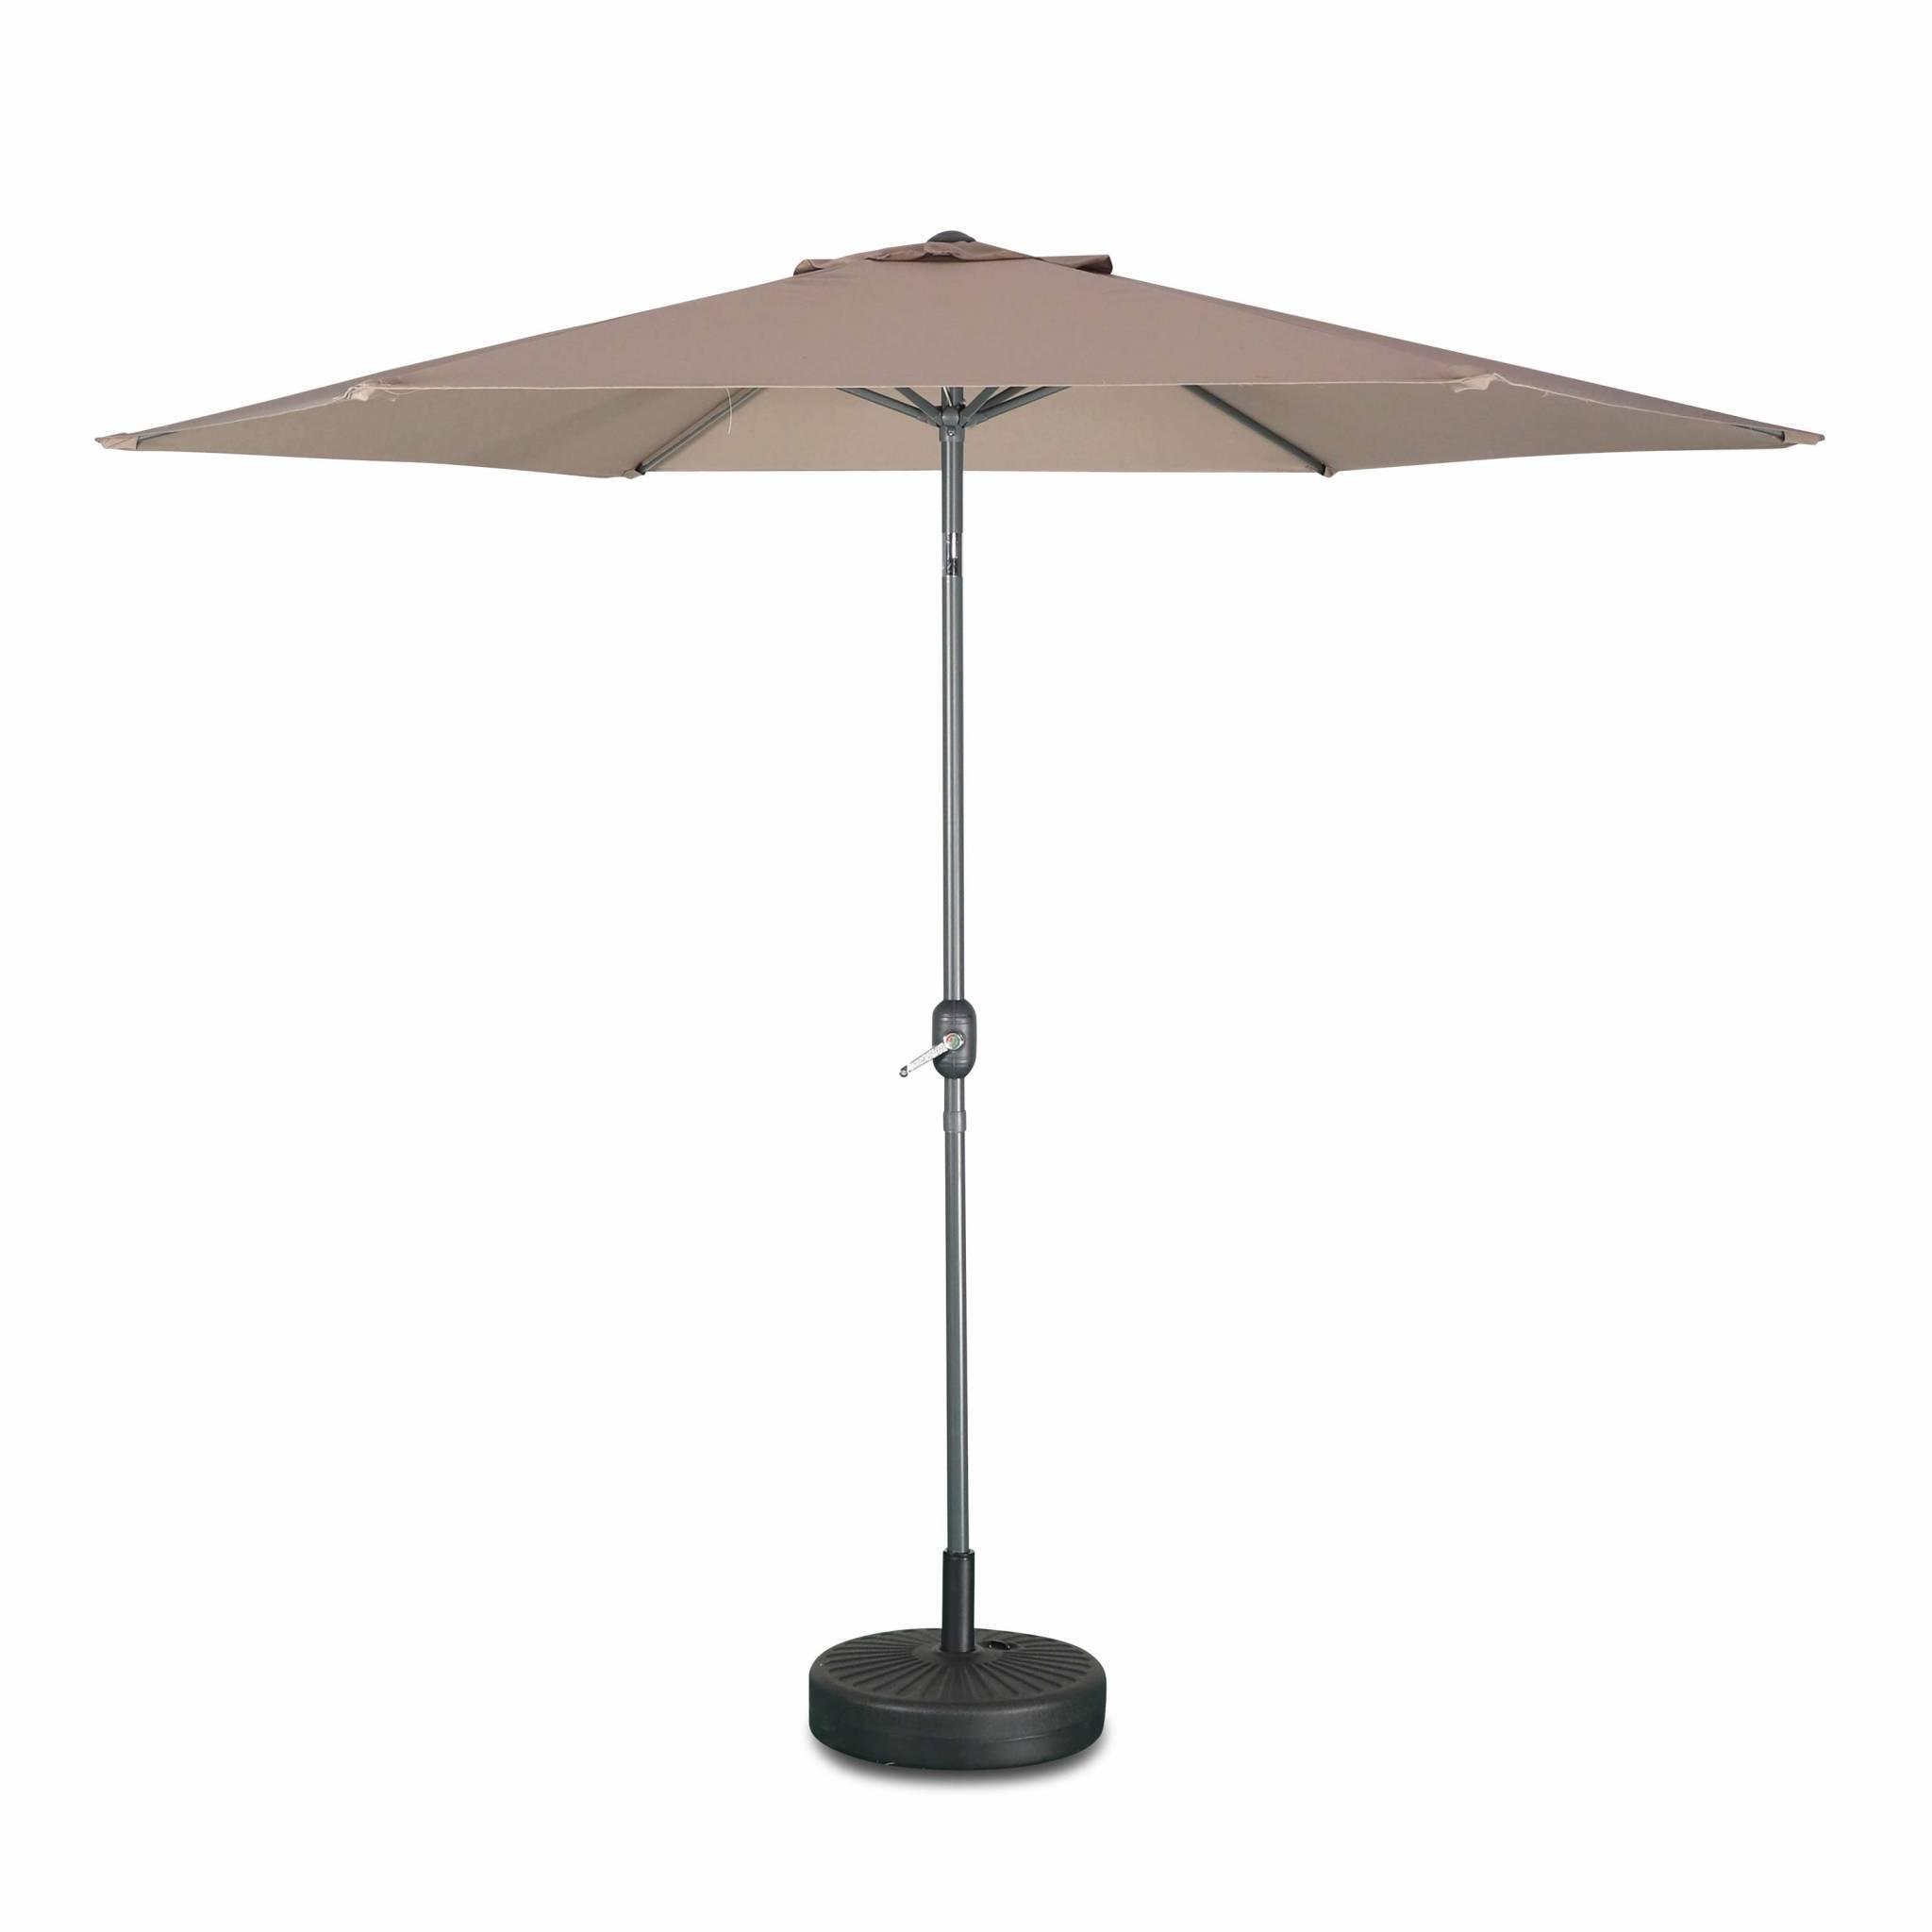 Parasol droit touquet rond ⌀300cm taupe mât central aluminium